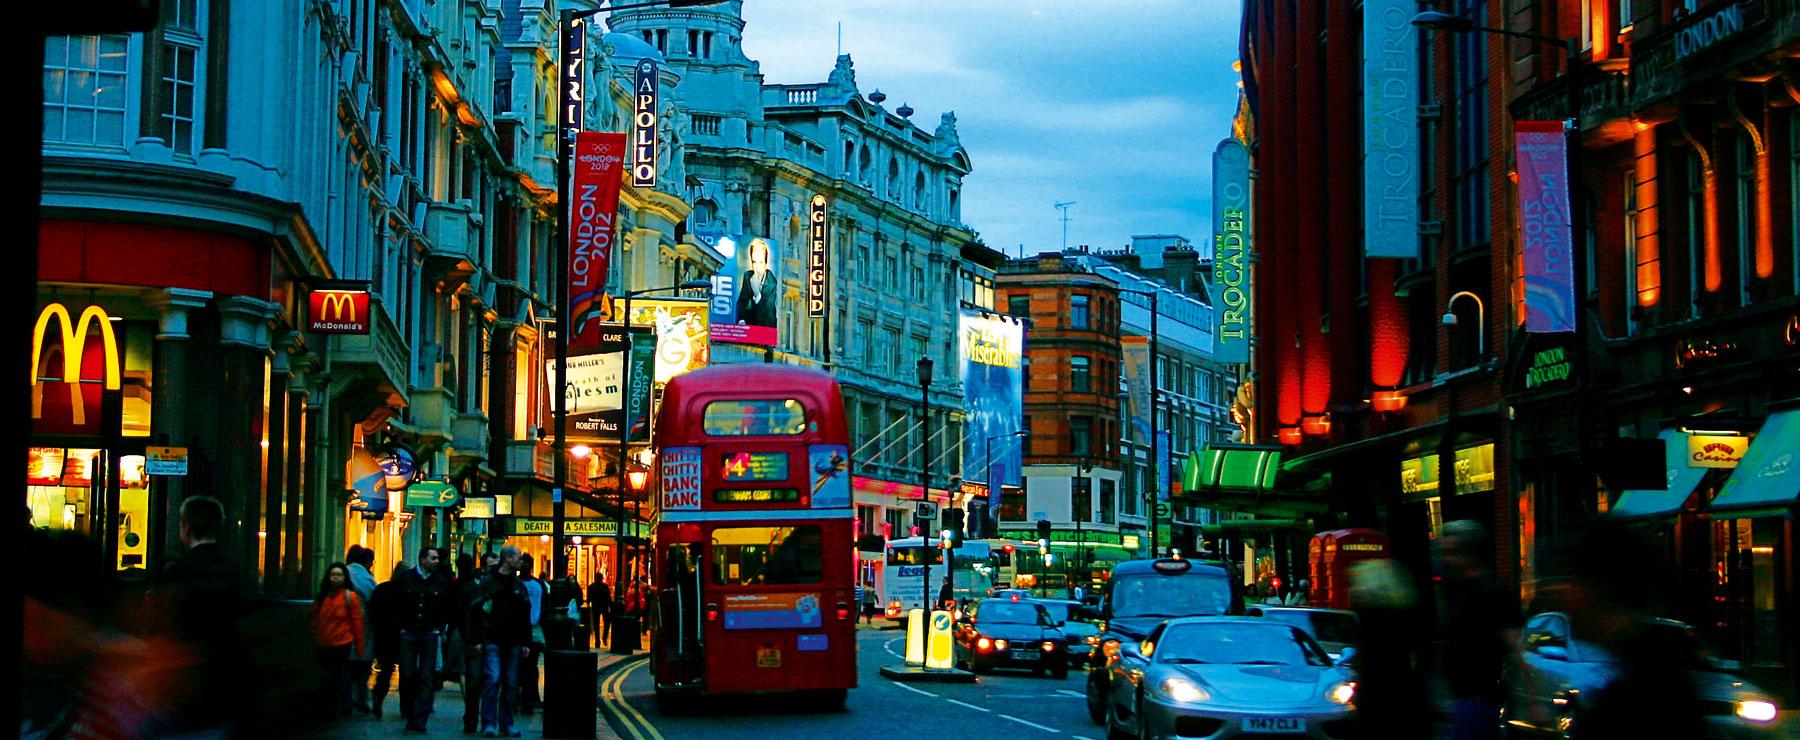 Londra Archivi - BlogVacanze - Idee e consigli per viaggiare